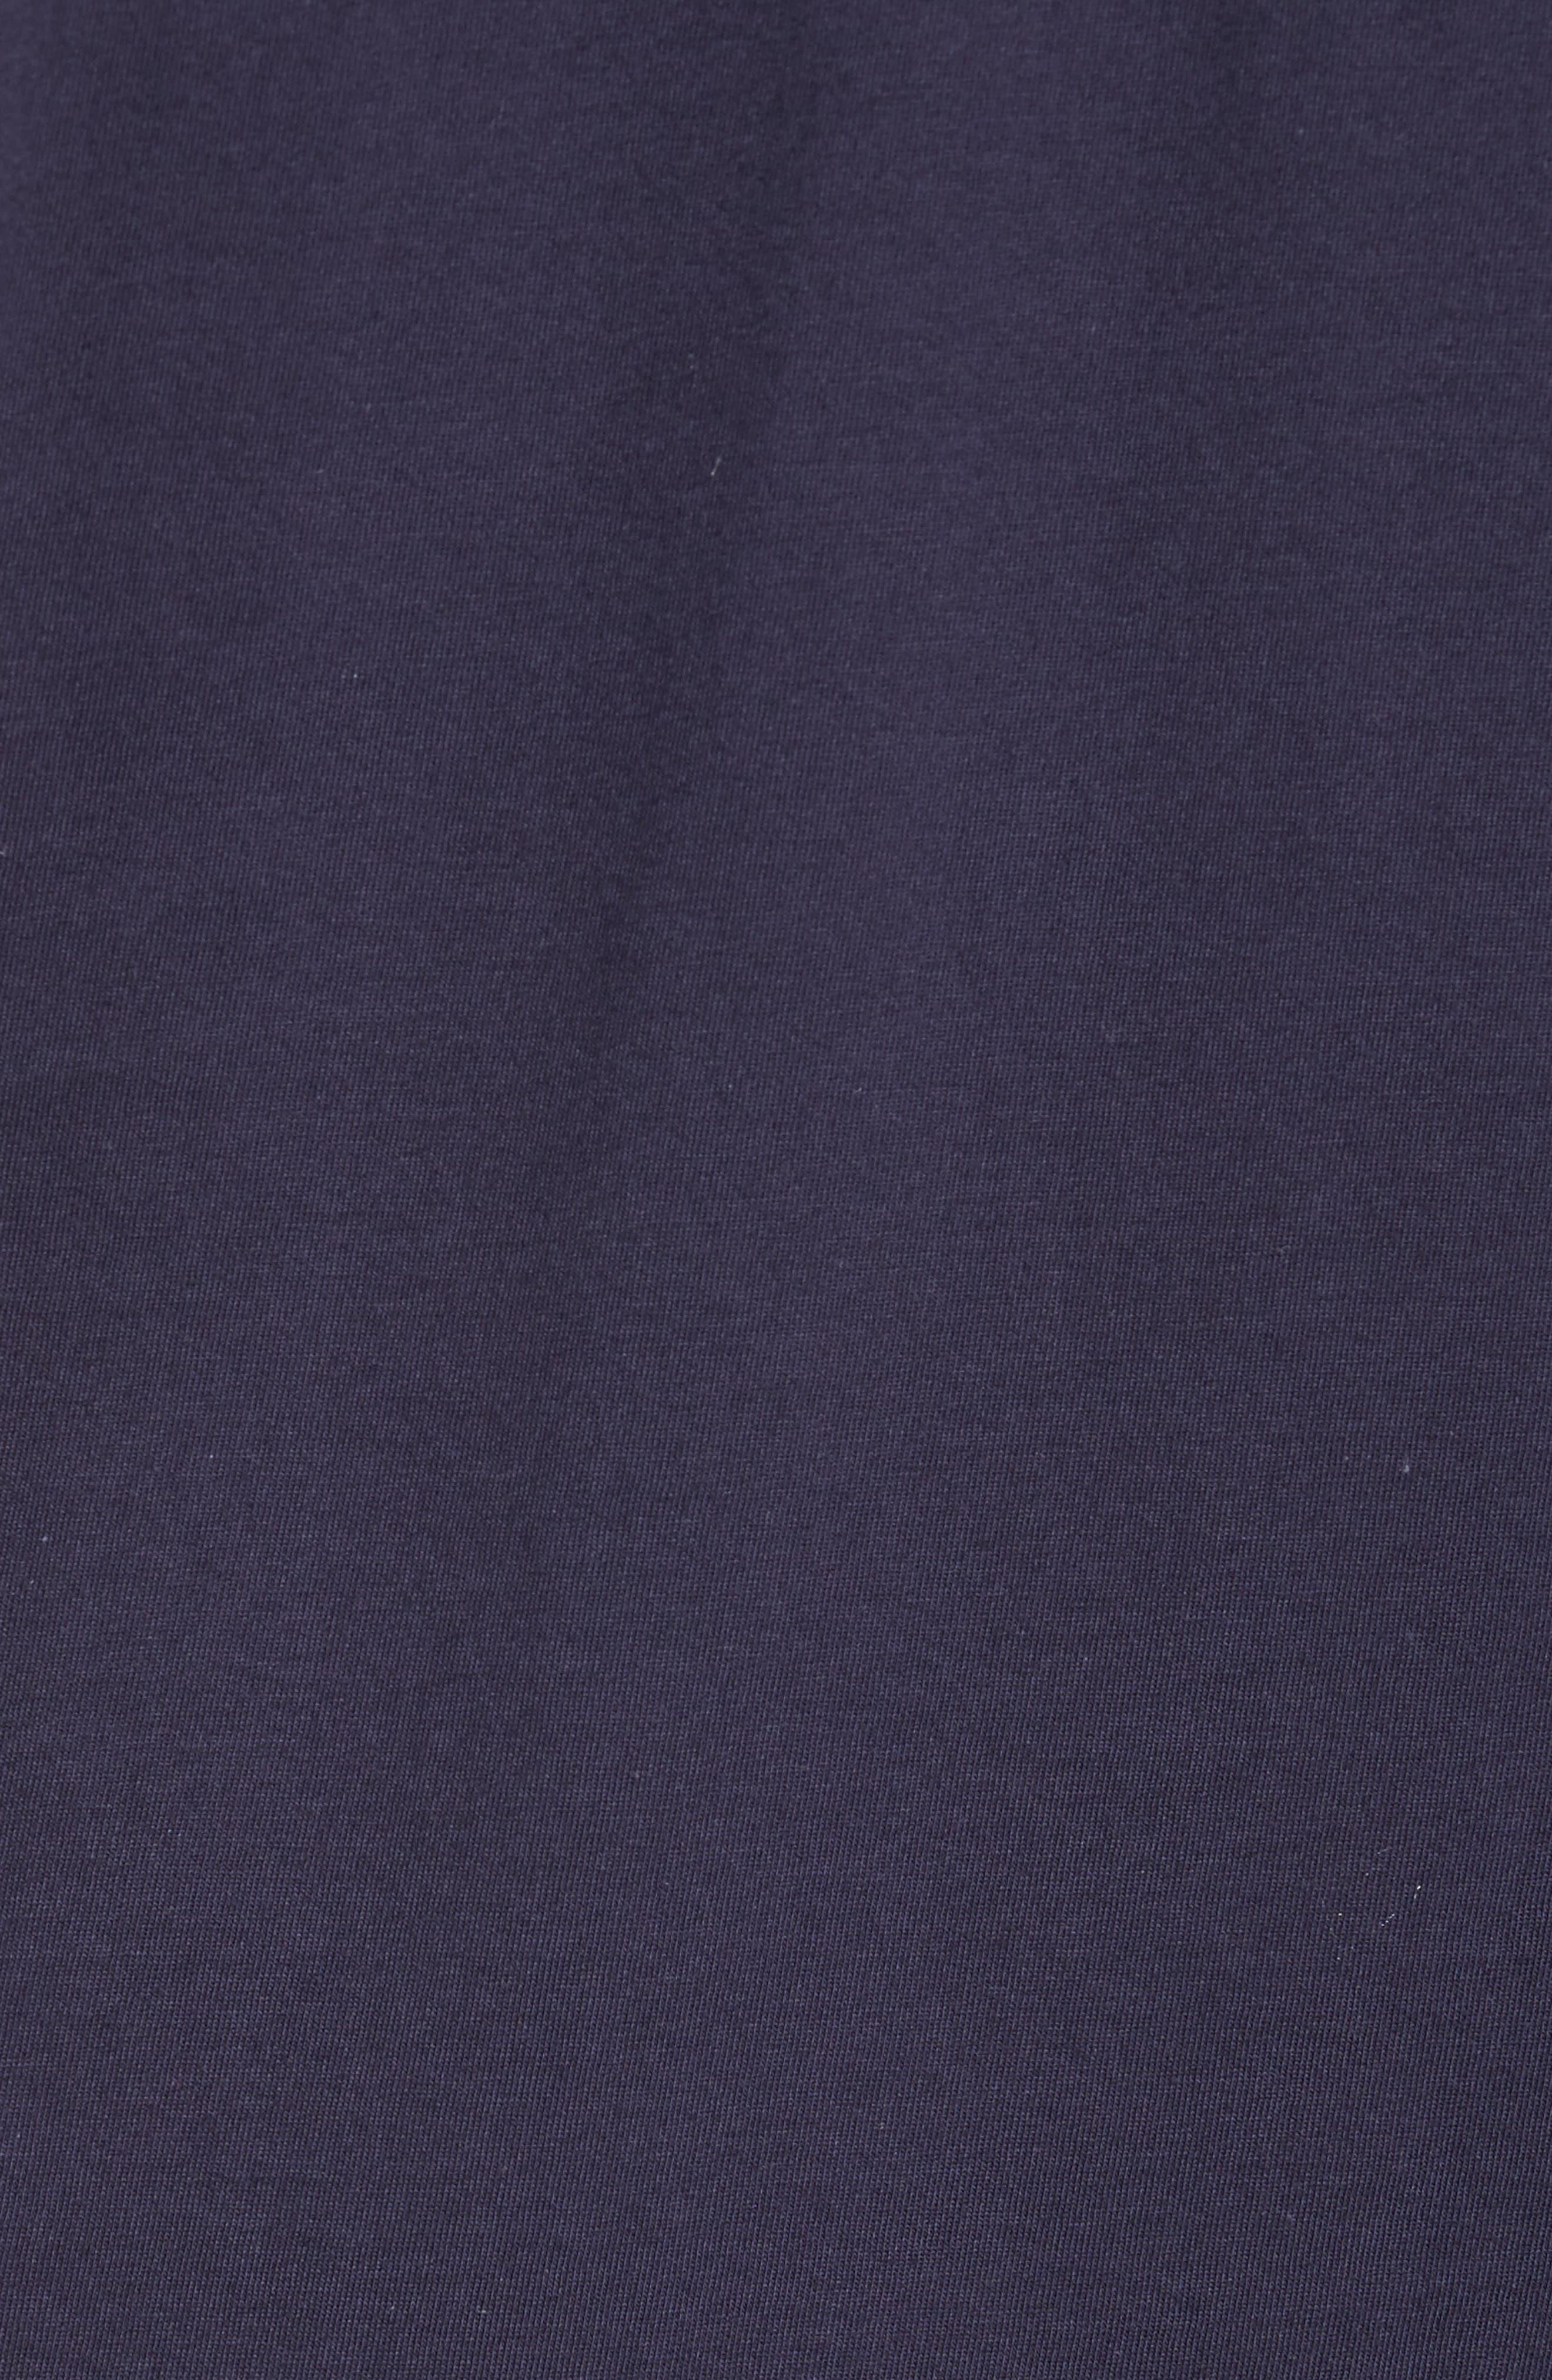 PNW Explorer T-Shirt,                             Alternate thumbnail 5, color,